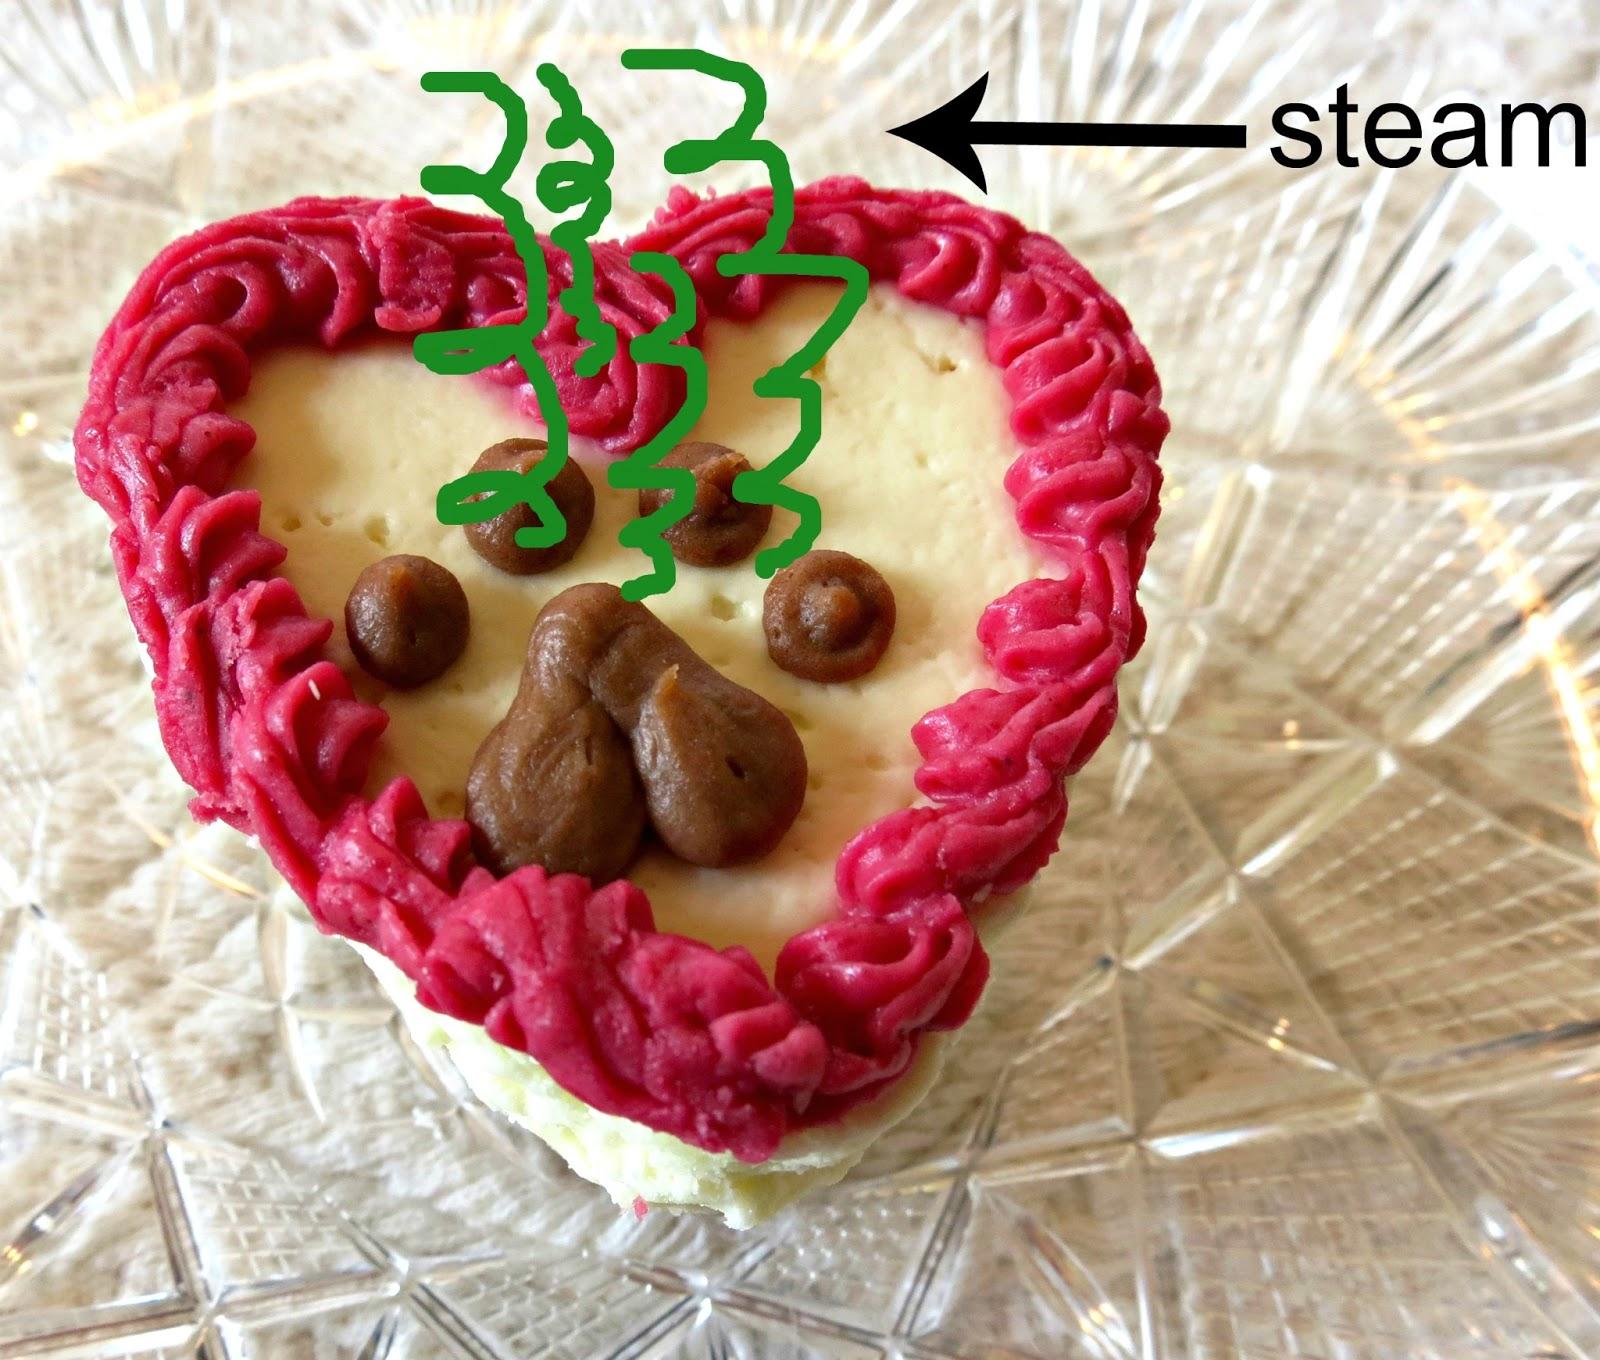 Farleigh S Cake Creations Minneola Fl